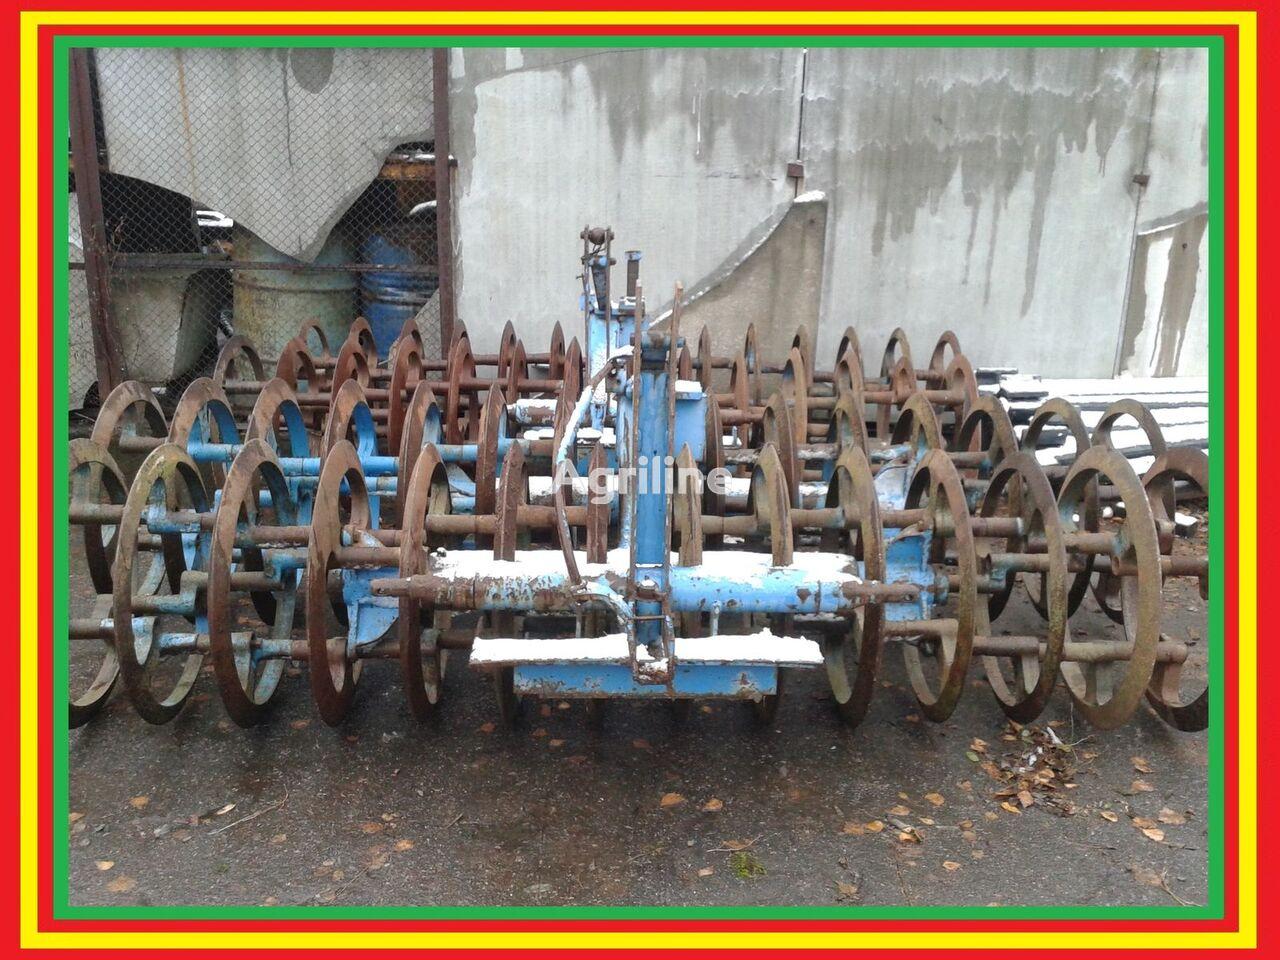 LEMKEN VarioPack 110 WDP 70 3 metra rodillo agrícola